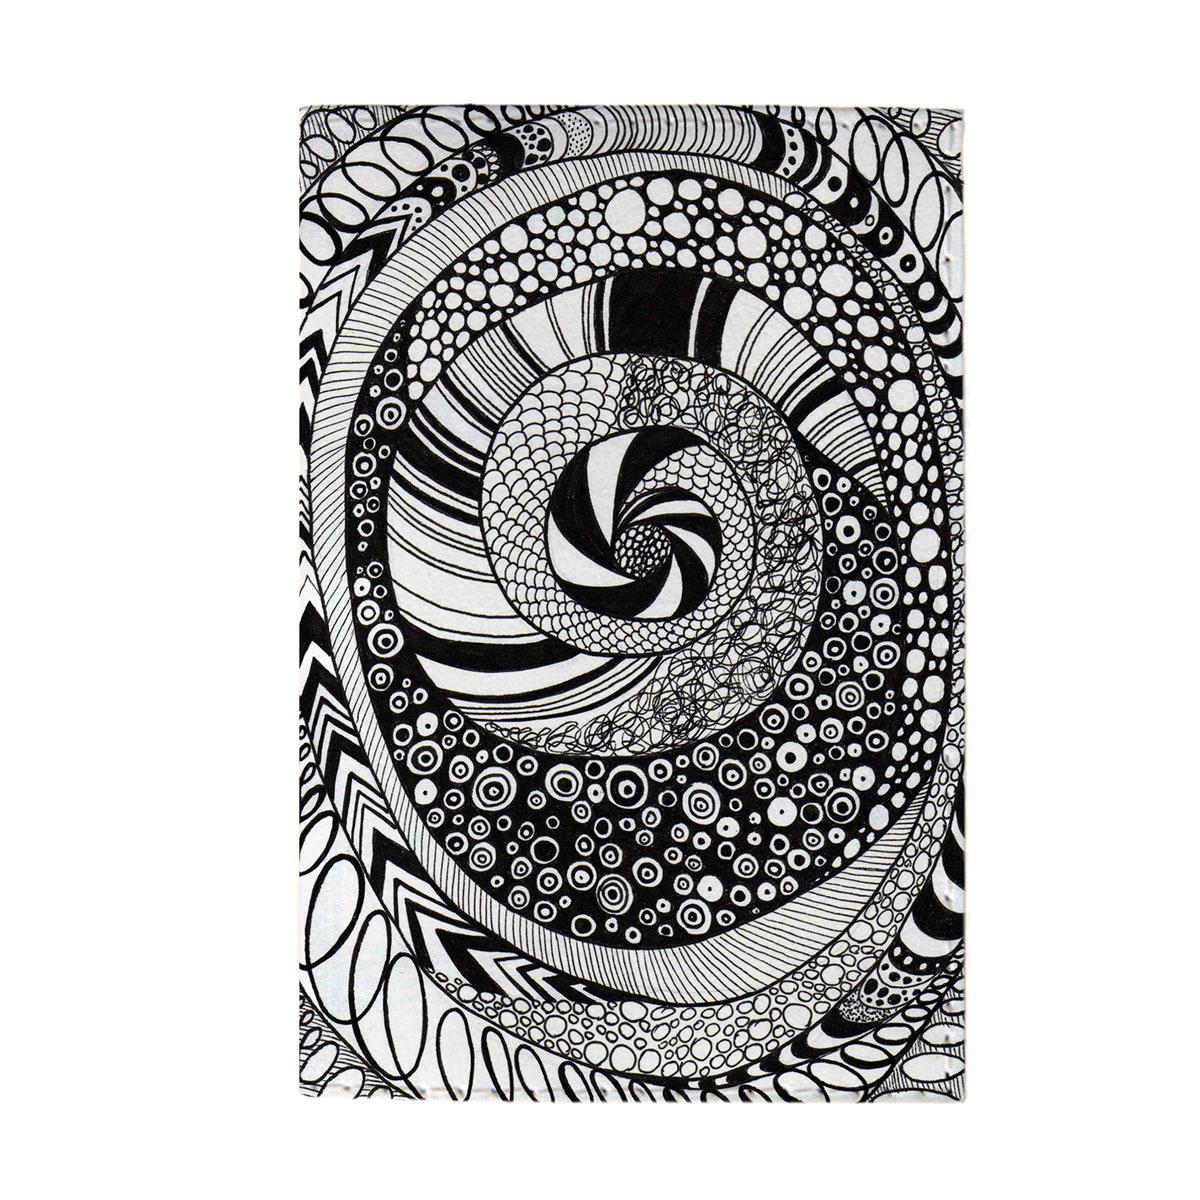 Обложка для паспорта Mitya Veselkov Дудлинг, цвет: черный, белый. OZAM401OZAM009Обложка для паспорта Mitya Veselkov Дудлинг не только поможет сохранить внешний вид ваших документов и защитить их от повреждений, но и станет стильным аксессуаром, идеально подходящим вашему образу.Она выполнена из поливинилхлорида, внутри имеет два вертикальных кармашка из прозрачного пластика.Такая обложка поможет вам подчеркнуть свою индивидуальность и неповторимость!Обложка для паспорта стильного дизайна может быть достойным и оригинальным подарком.